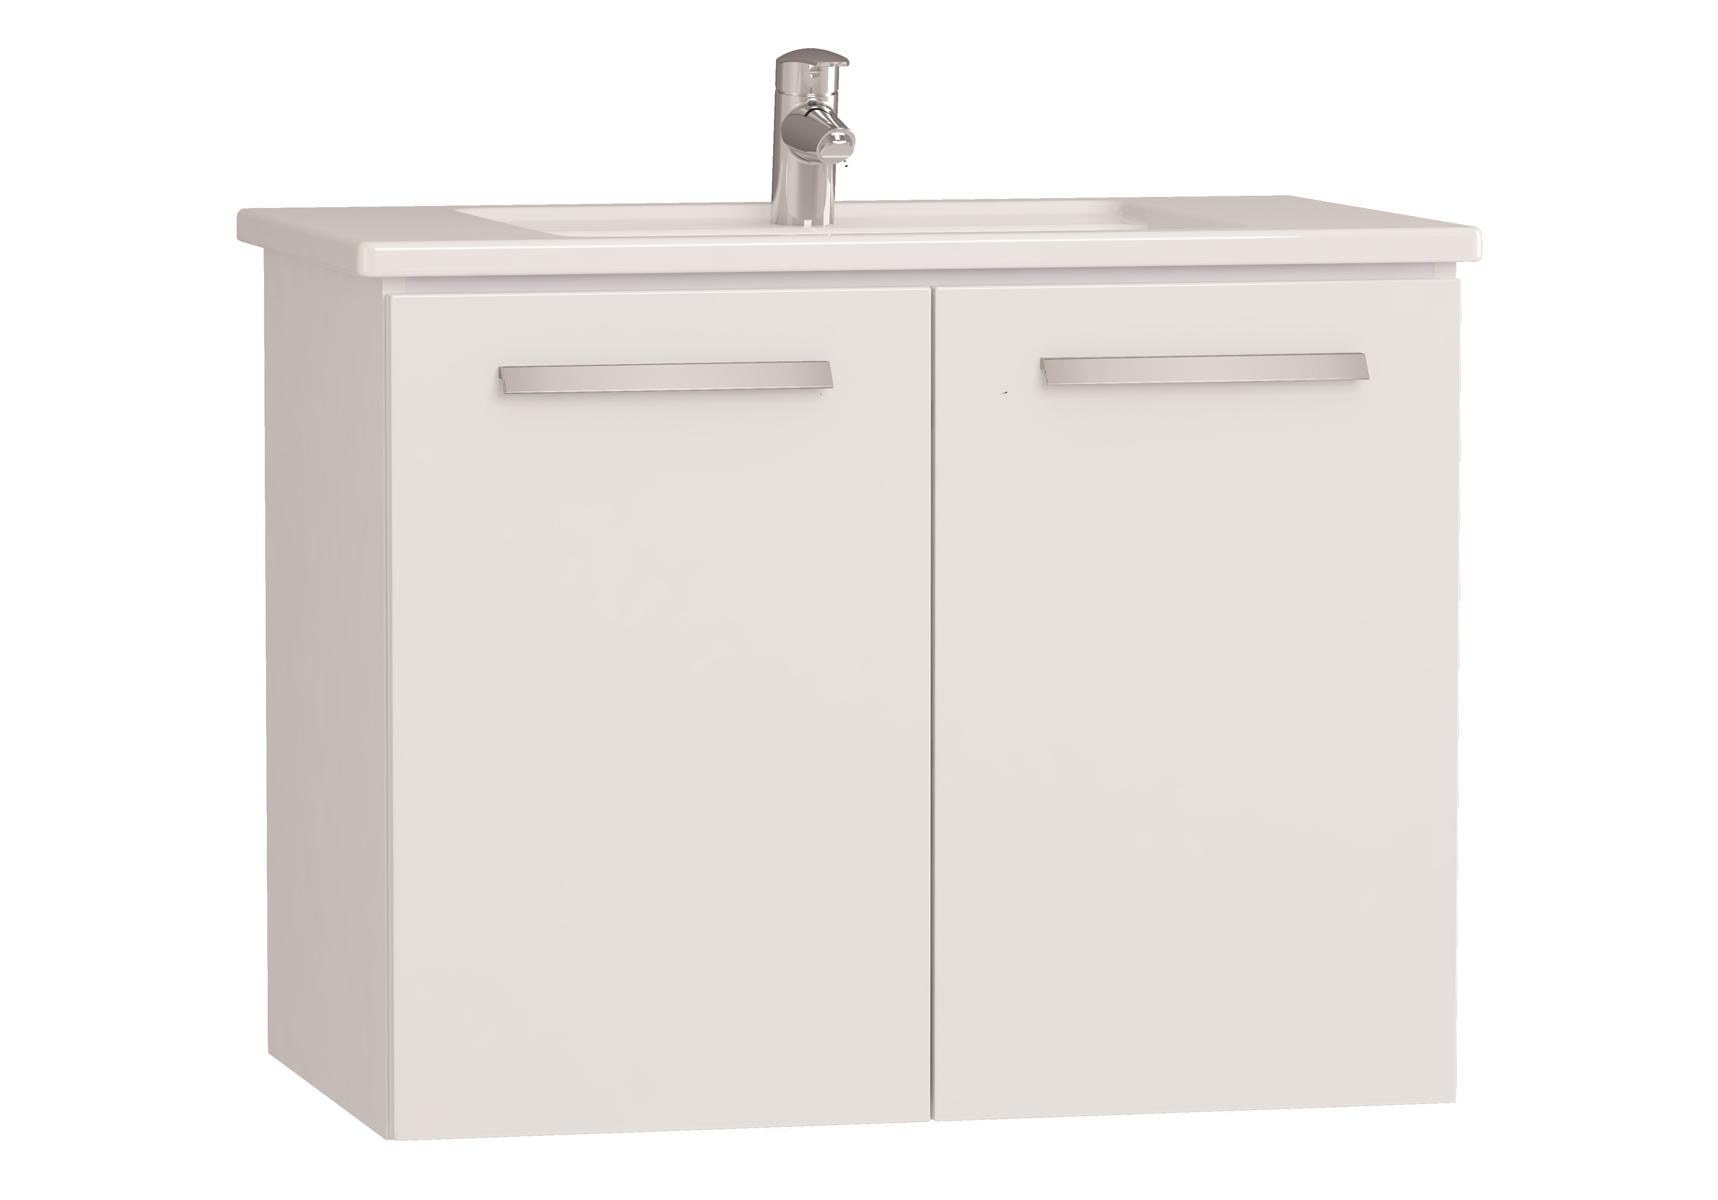 Integra meuble avec plan céramique avec portes, 80 cm, blanc haute brillance